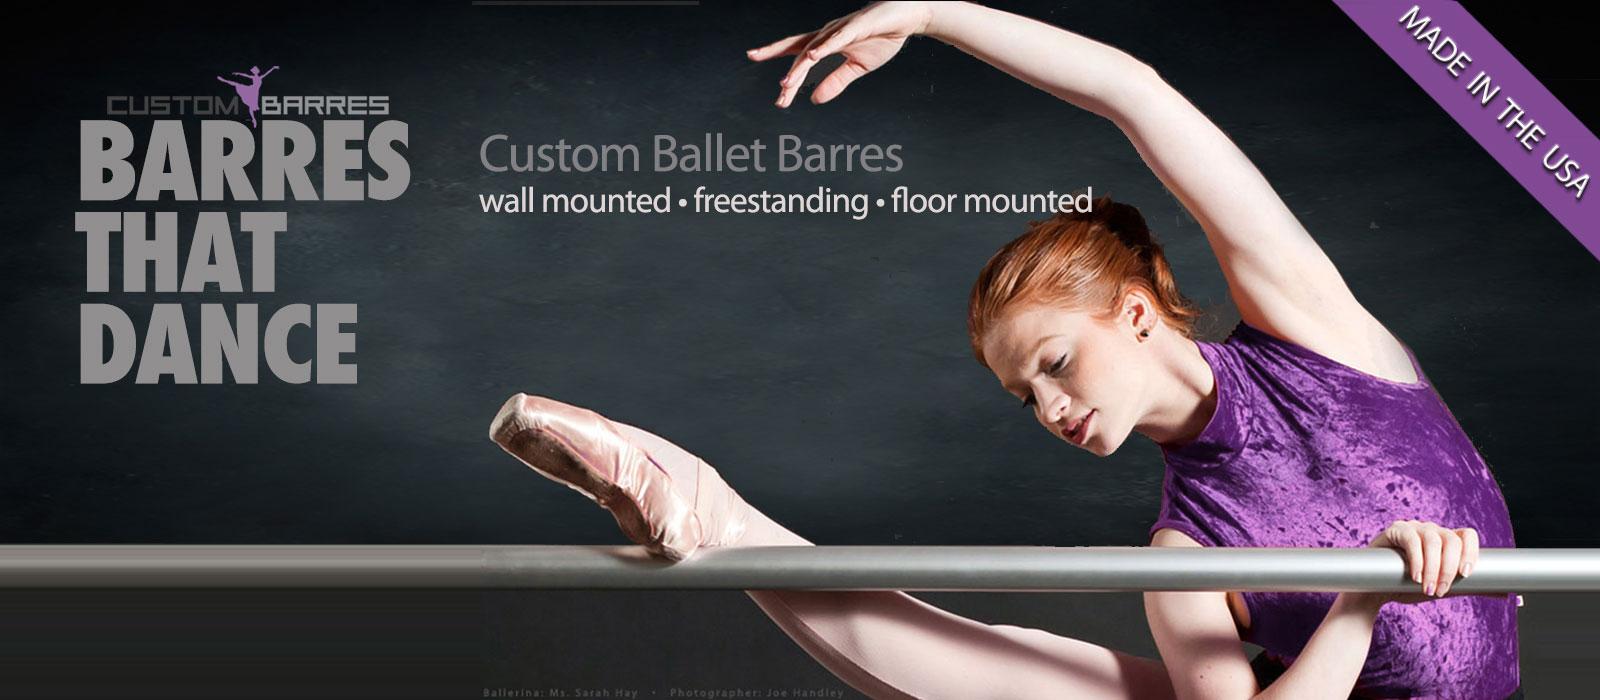 ballet barre, ballet barres, fitness barres, stretch barres